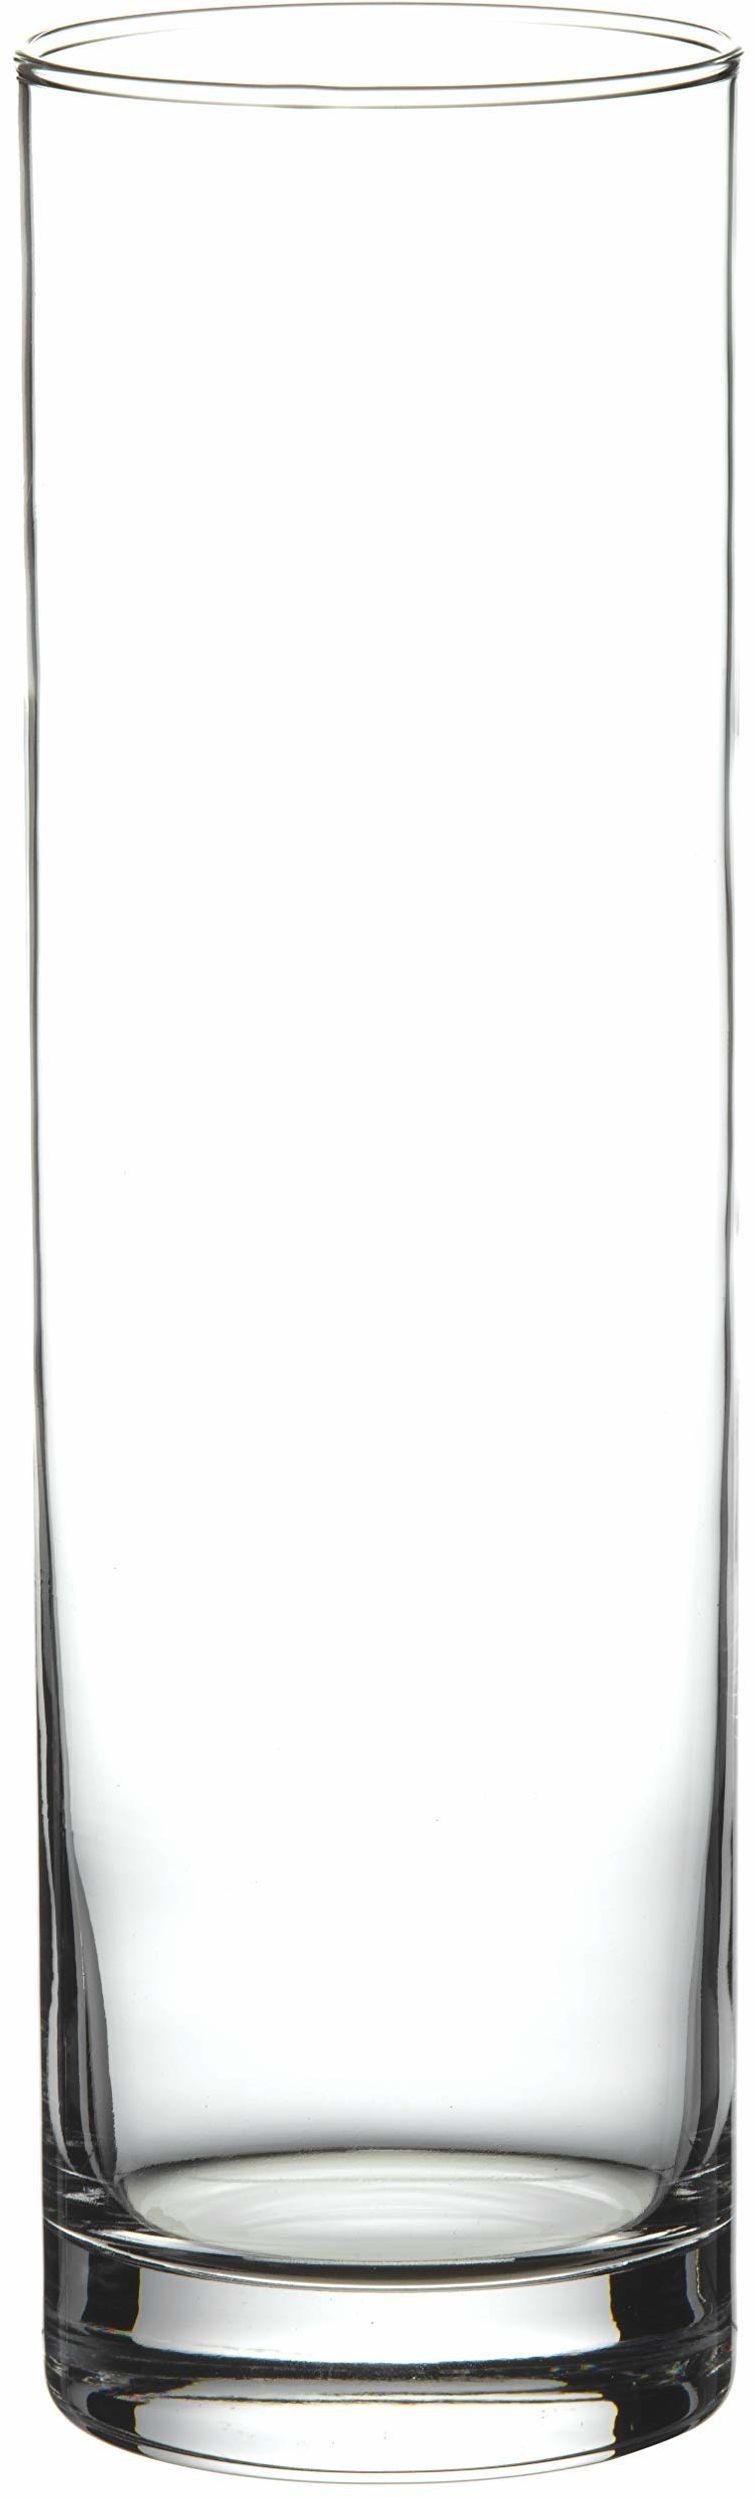 Pasabahce 43767 Flora wazon szklany, cylindryczny, 26,5 cm